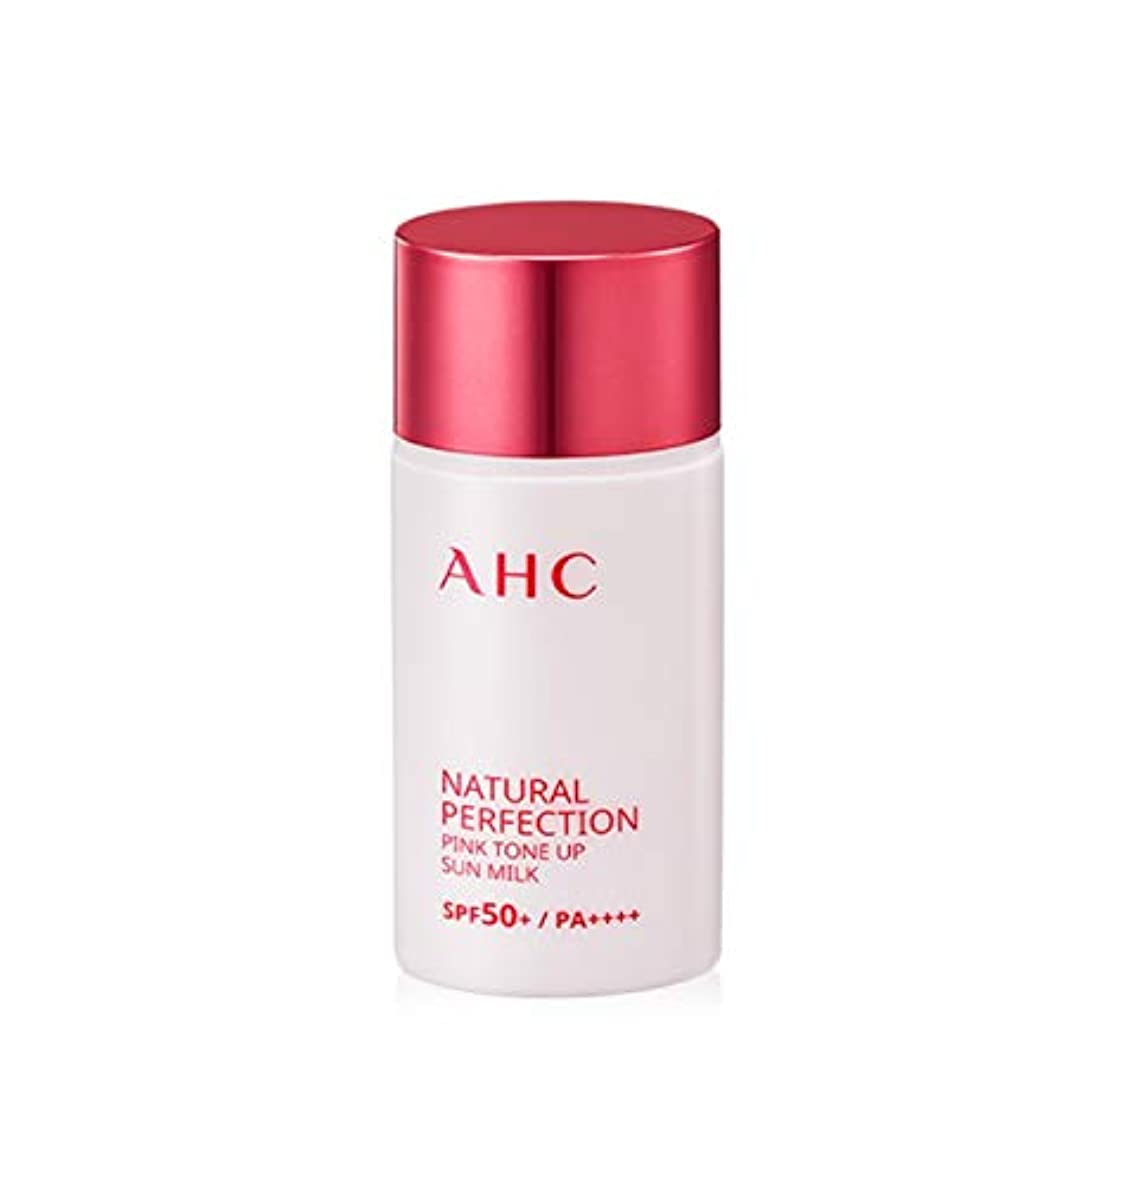 トロリーバス検索精巧なAHC ナチュラルパーフェクションピンクトンオプ線ミルク 40ml / AHC NATURAL PERFECTION PINK TONE UP SUN MILK 40ml [並行輸入品]